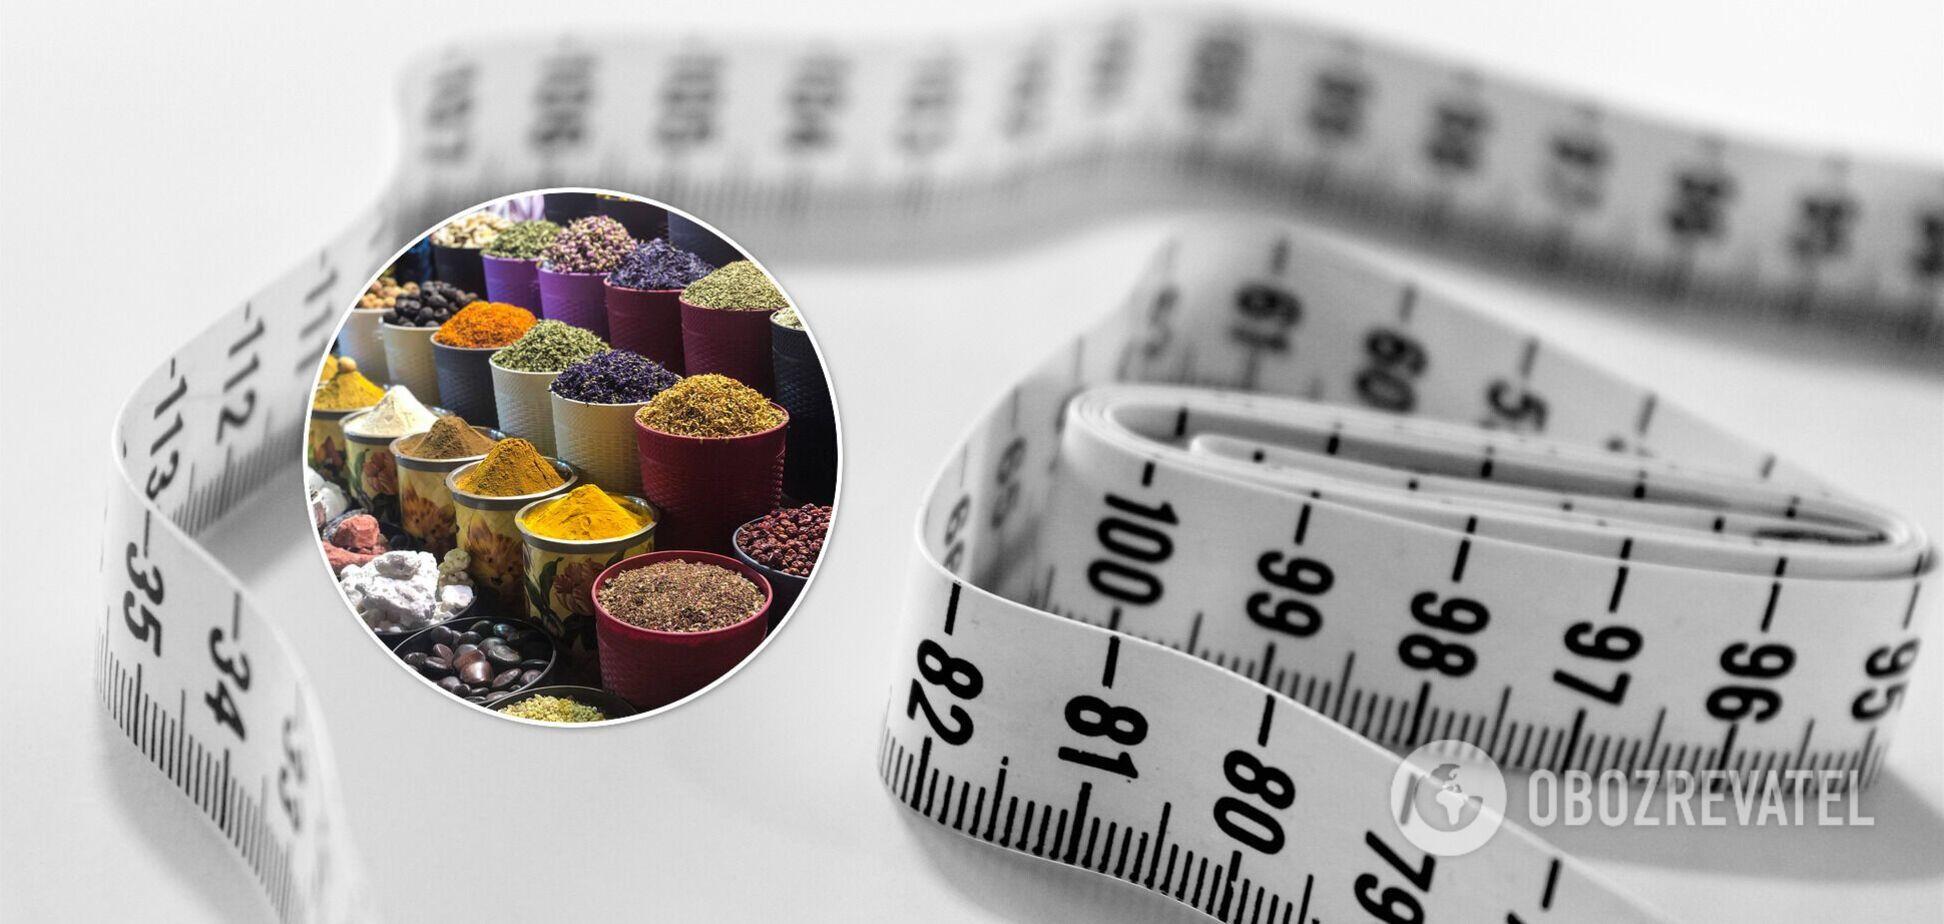 Імбир і чилі допомагають боротися з небезпечним вісцеральним жиром